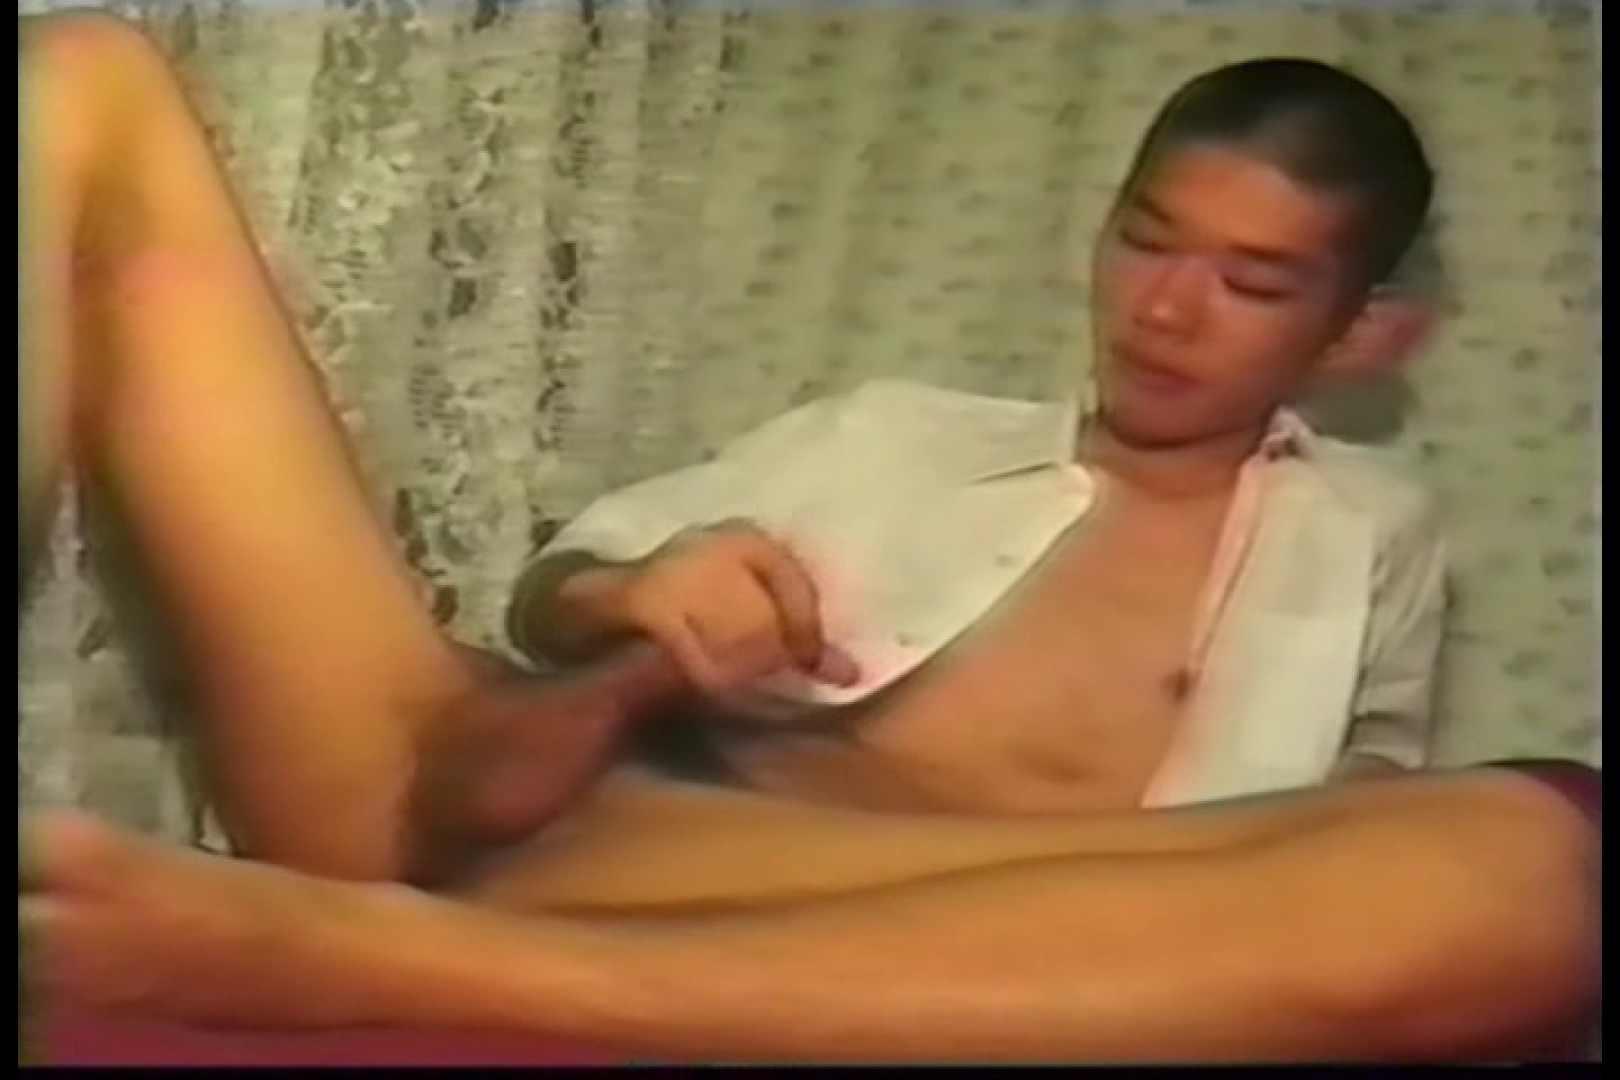 おちんちん|【個人撮影】ズル剥けリパチンぽ野球部員のオナニー|男